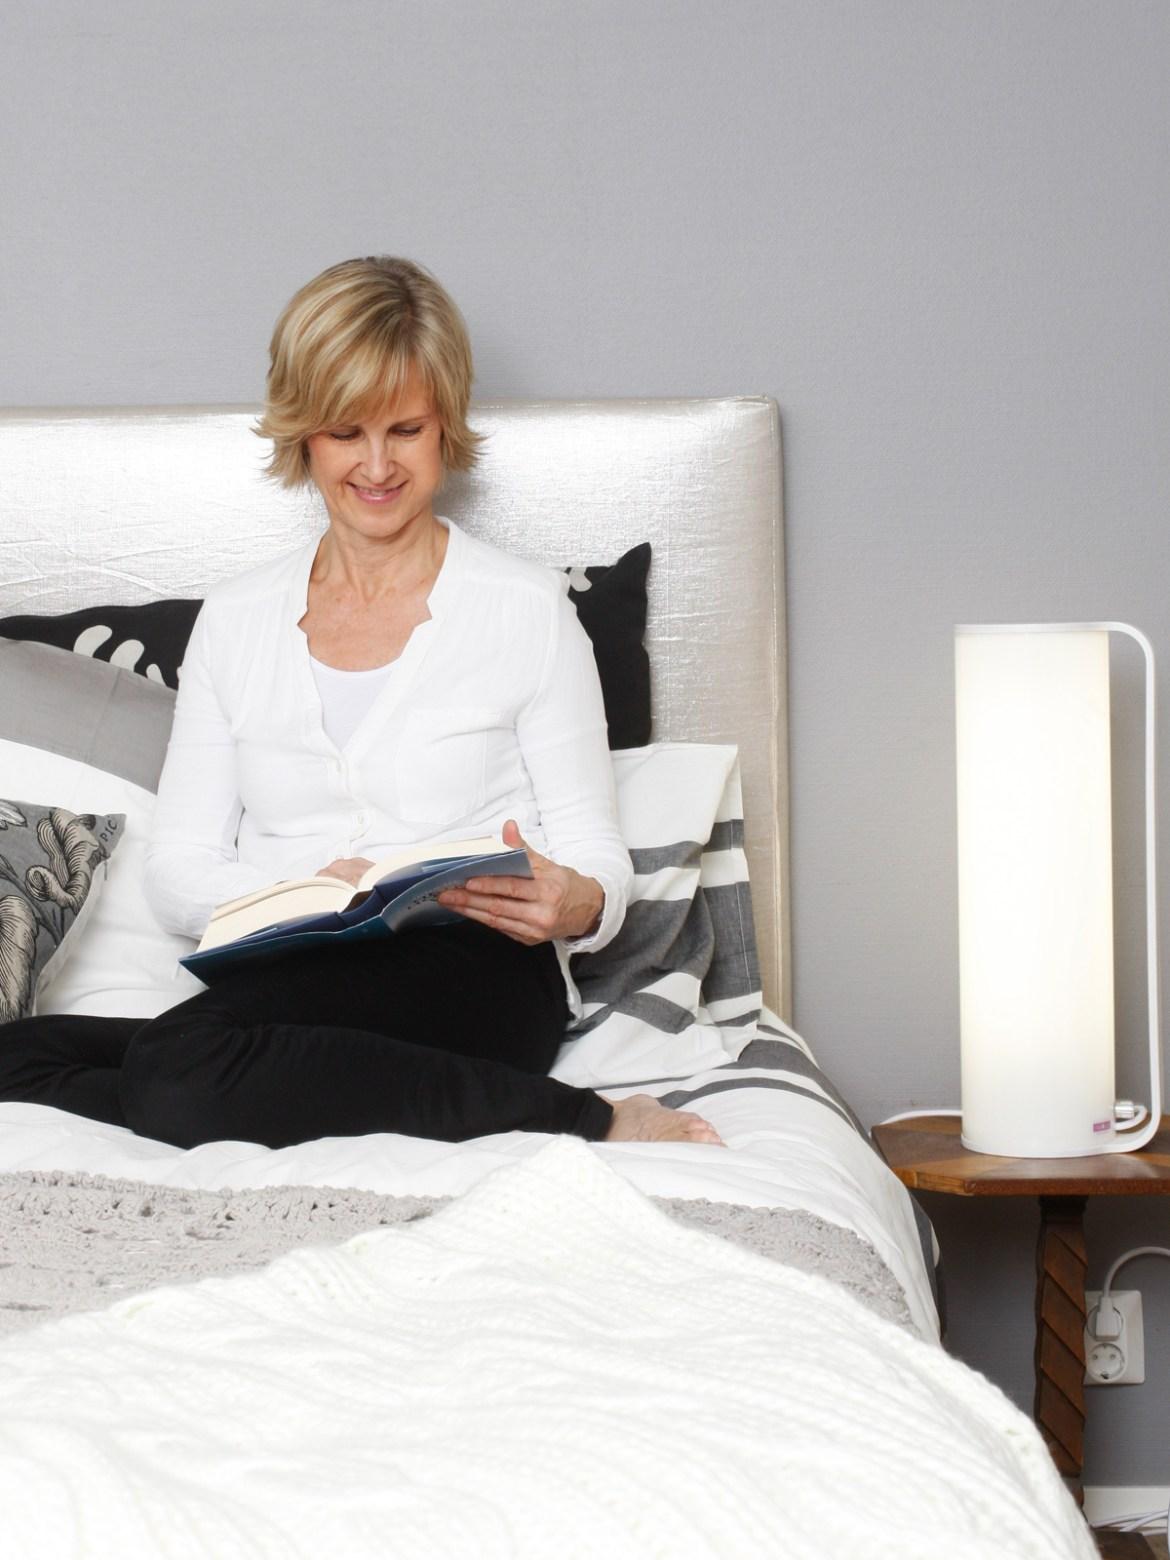 DesignOrt Blog: Bettlampen X Mal Anders Innolux Kubo Therapieleuchte Lichttherapie Tageslichtleuchte Lichtdusche